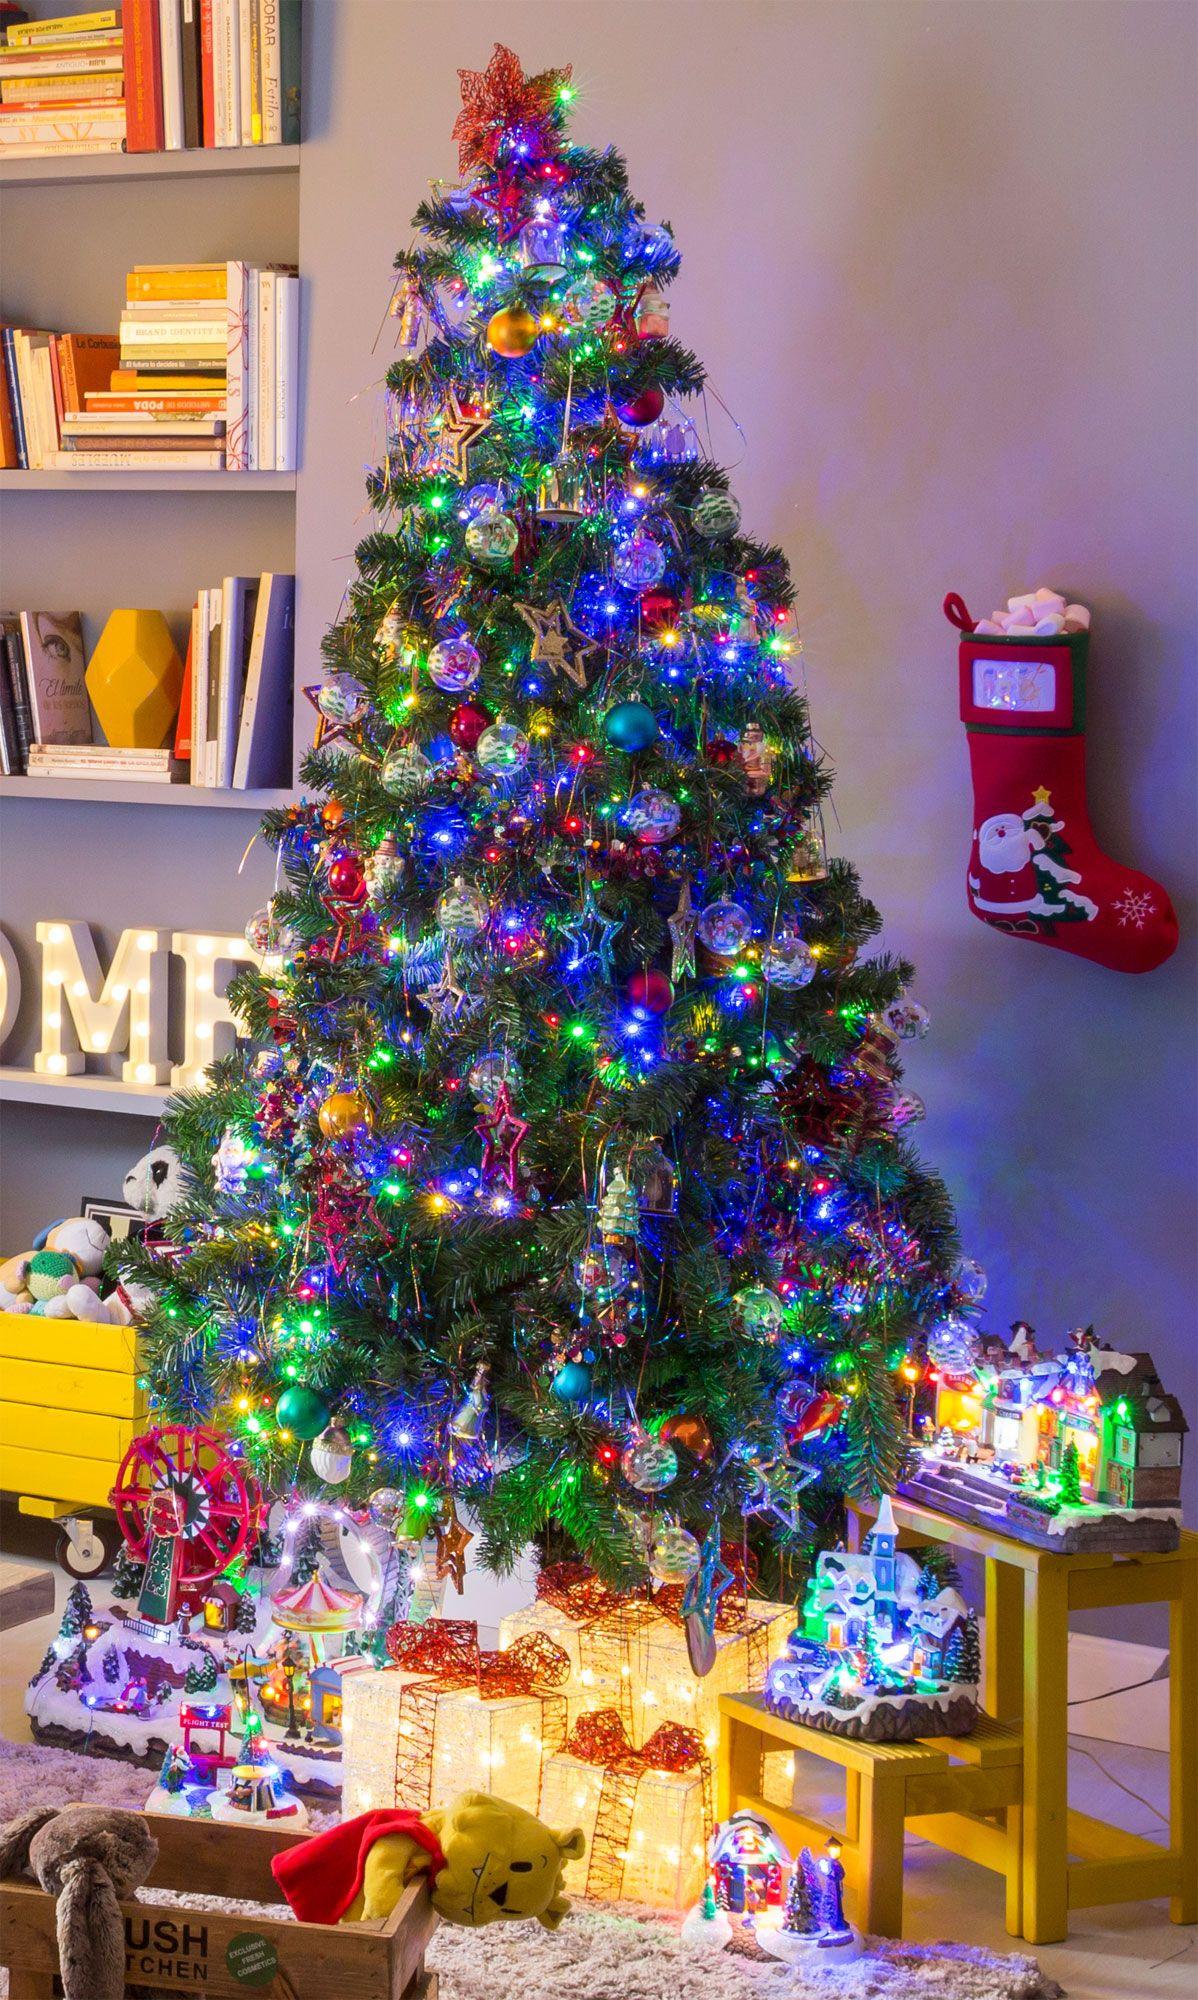 Decoraci n navide a divertida y llena de color hogarmania - Decoracion navidena natural ...